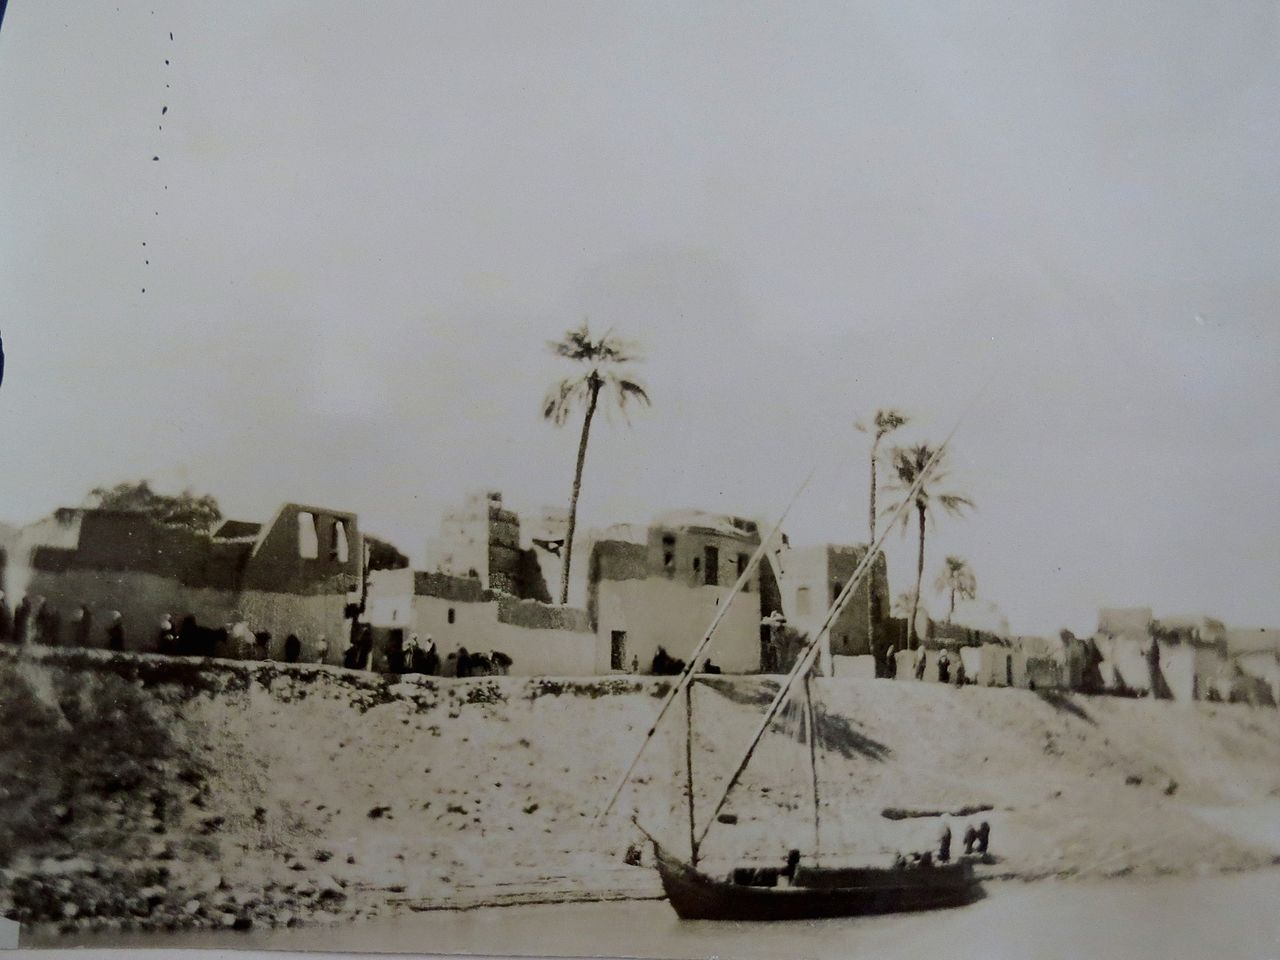 Heródoto y el Nilo 1280px-Village_on_the_Nile%2C_1891